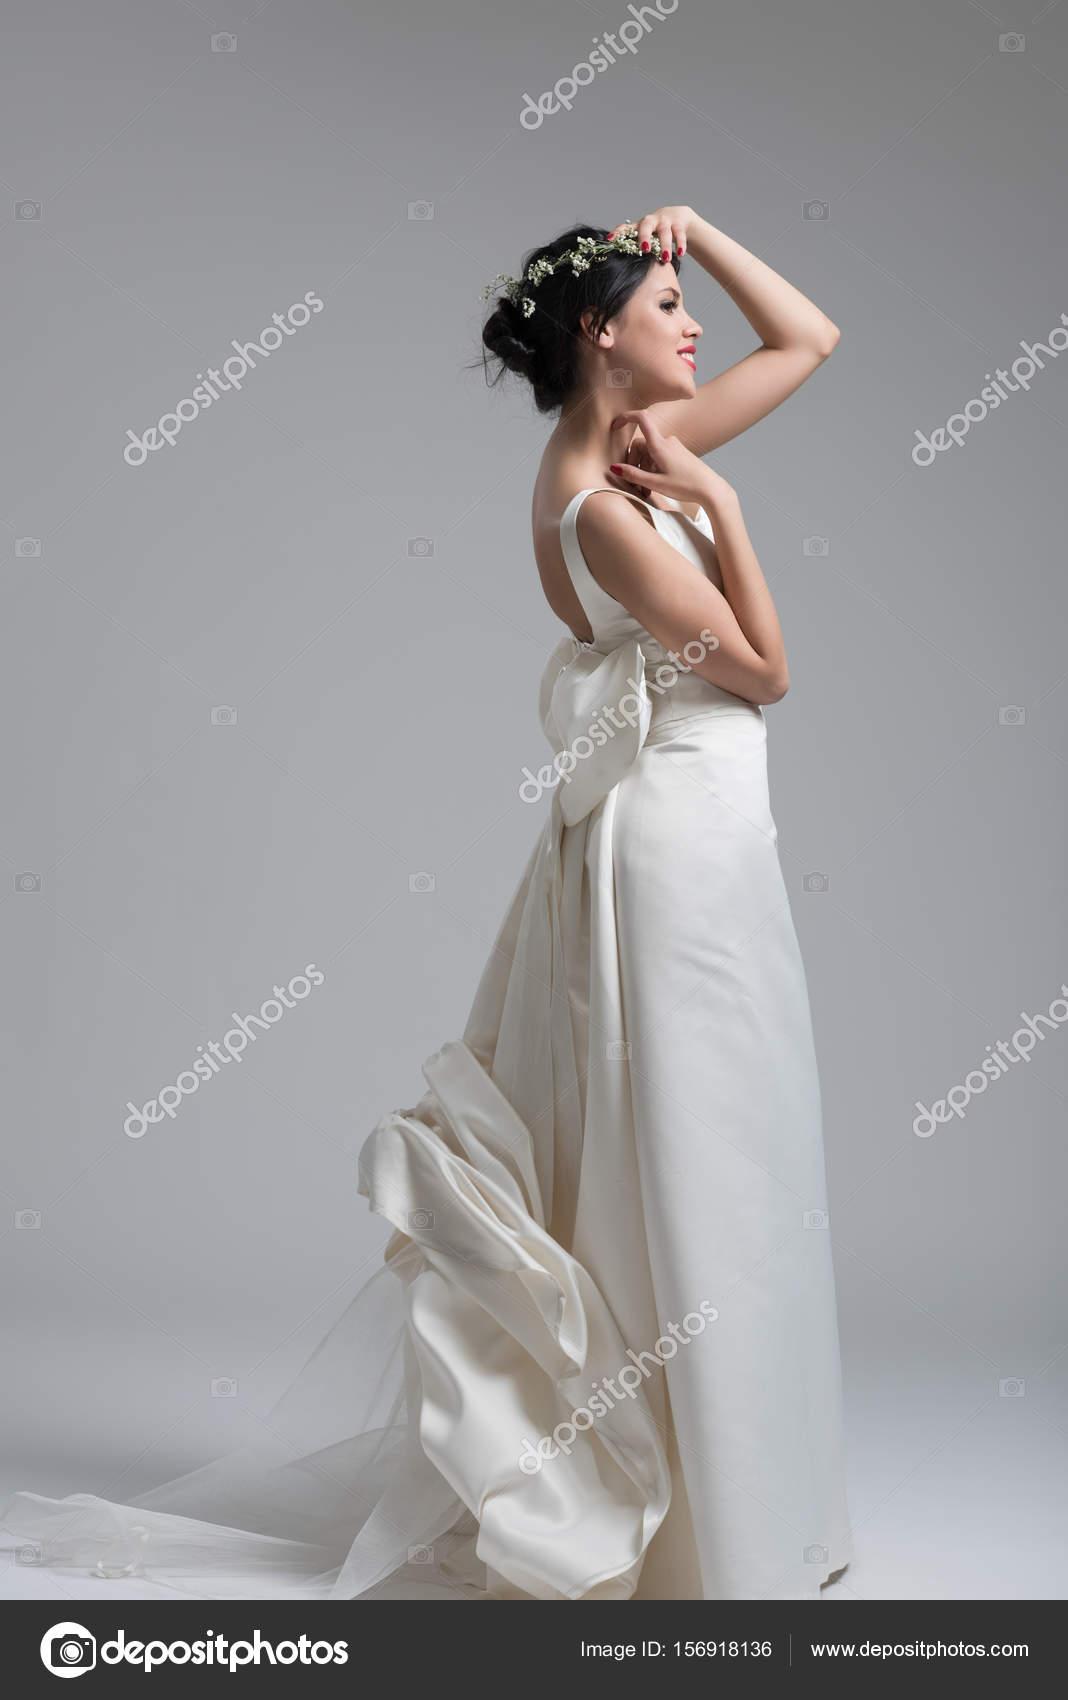 Эротическое фото девушек в свадебной одежде, вылизывает с жопы сперму